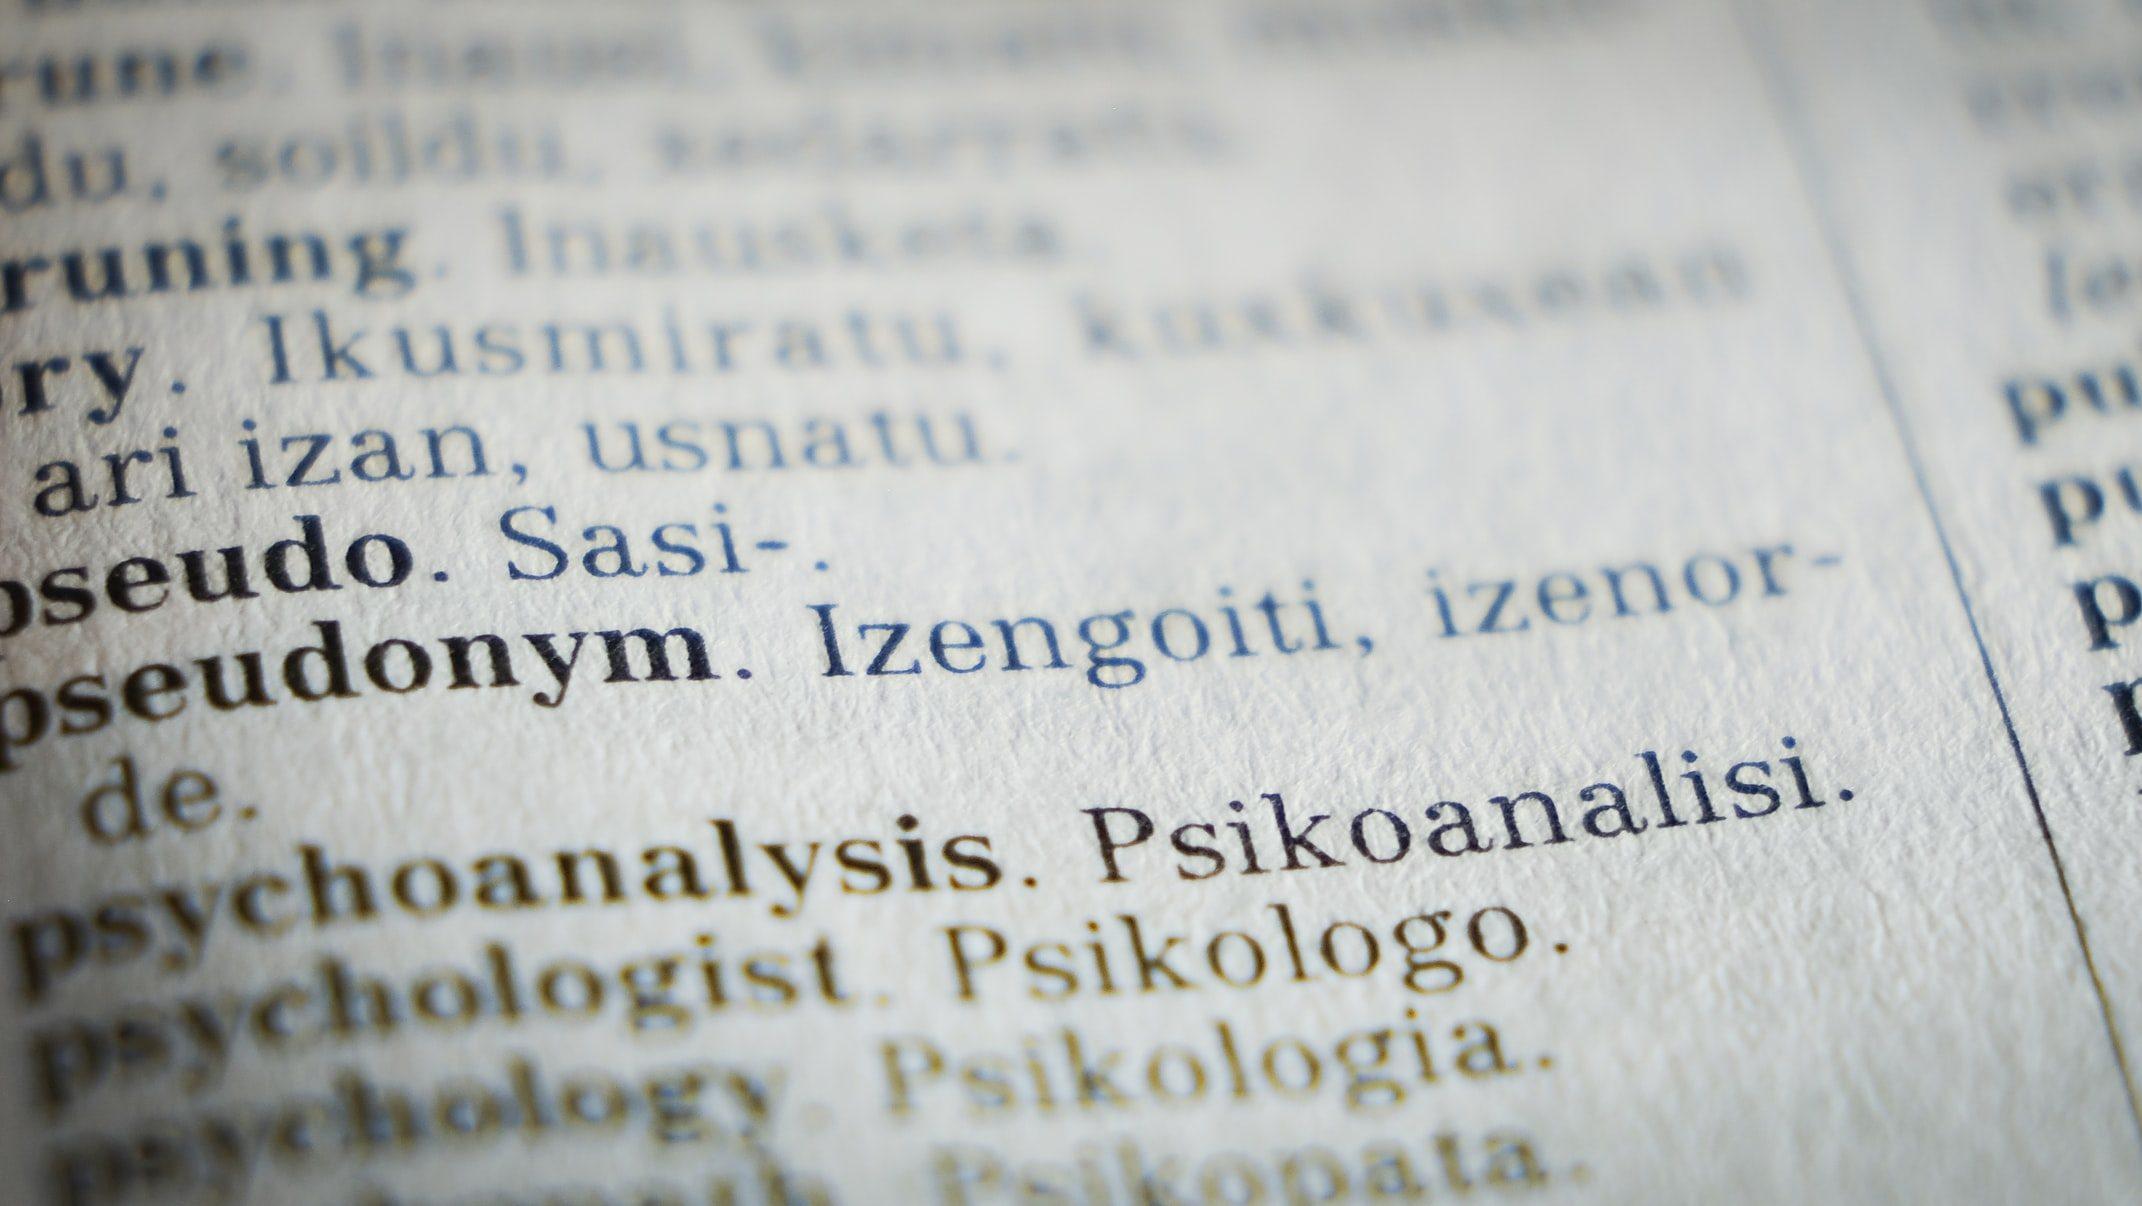 フェイスブック、100言語間で翻訳できる言語モデルを公開